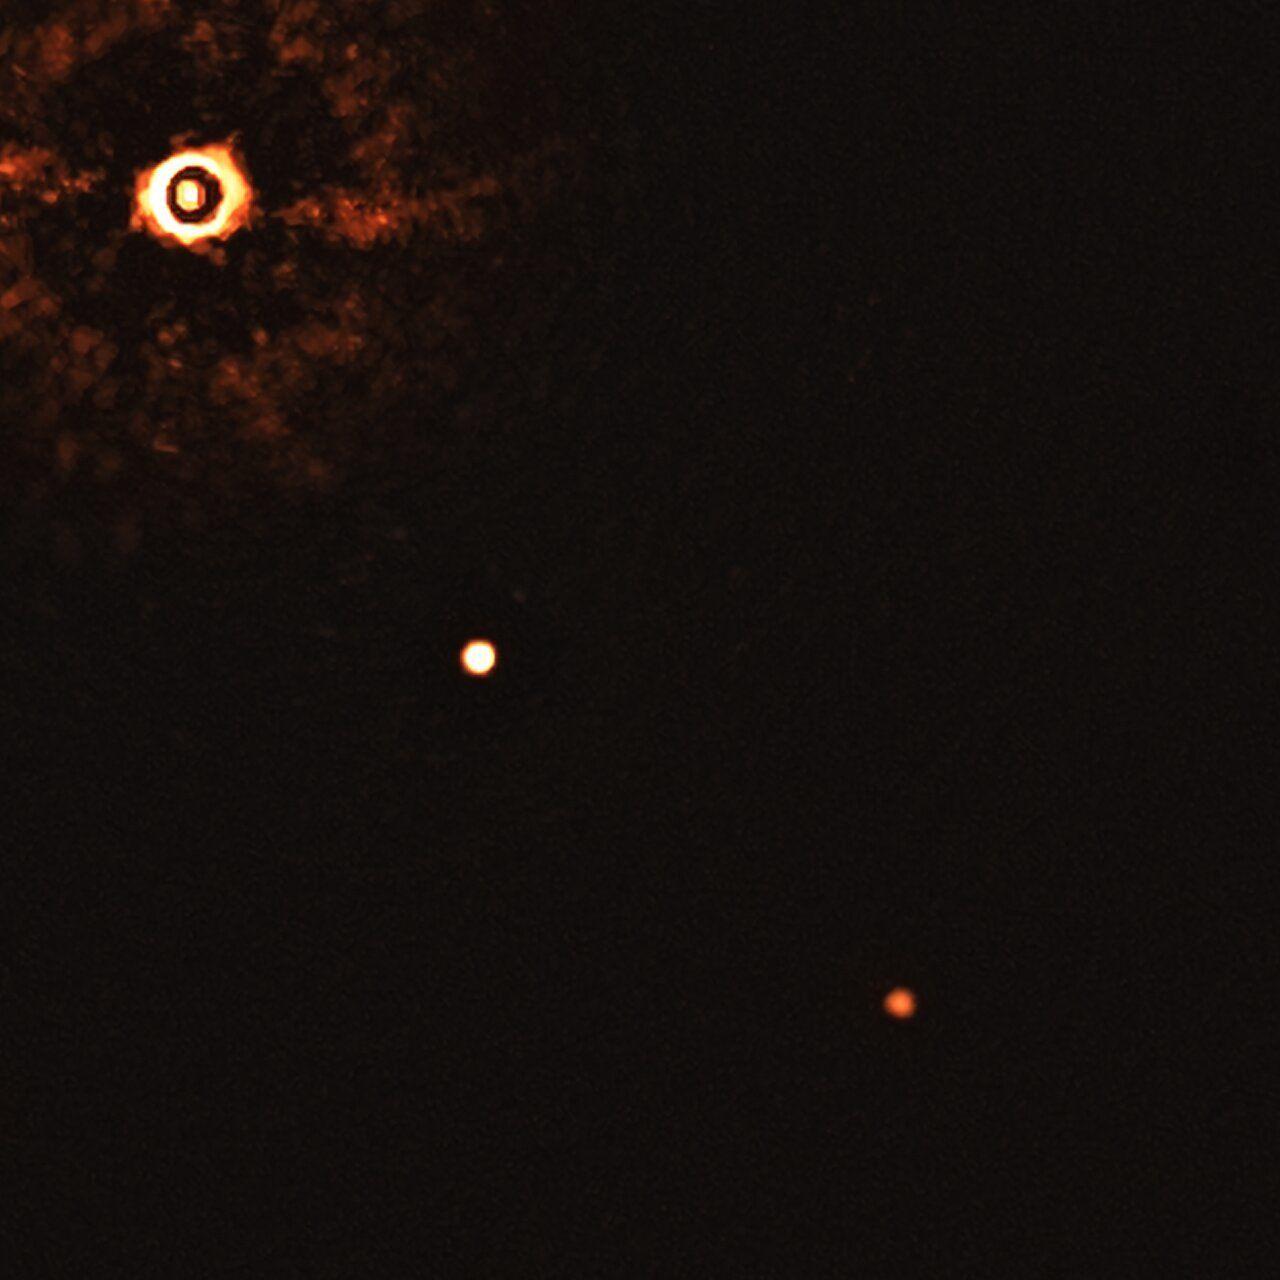 天文学家拍下类似太阳的恒星星系